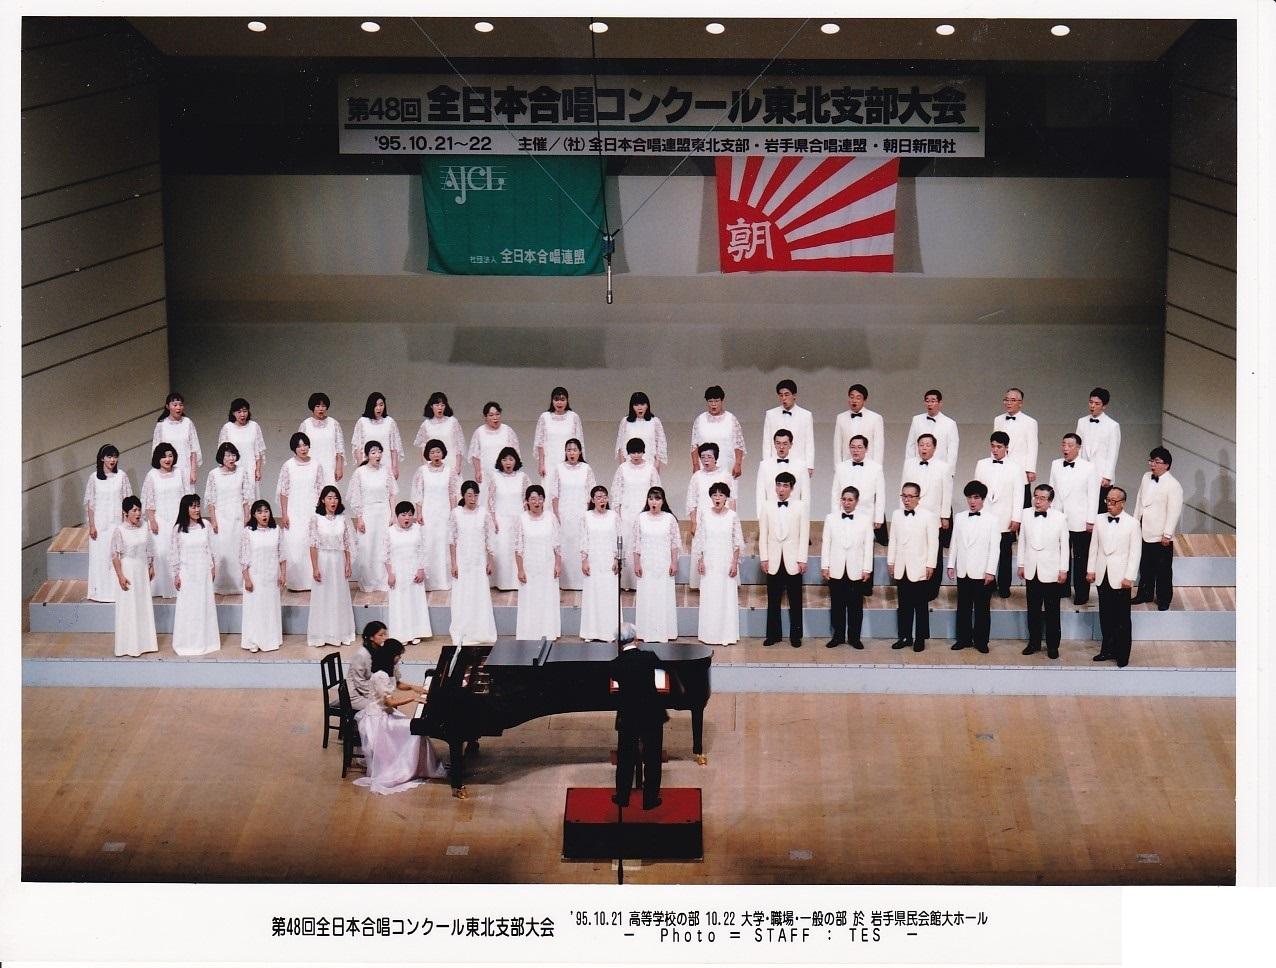 第48回全日本合唱コンクール_c0125004_17310264.jpg